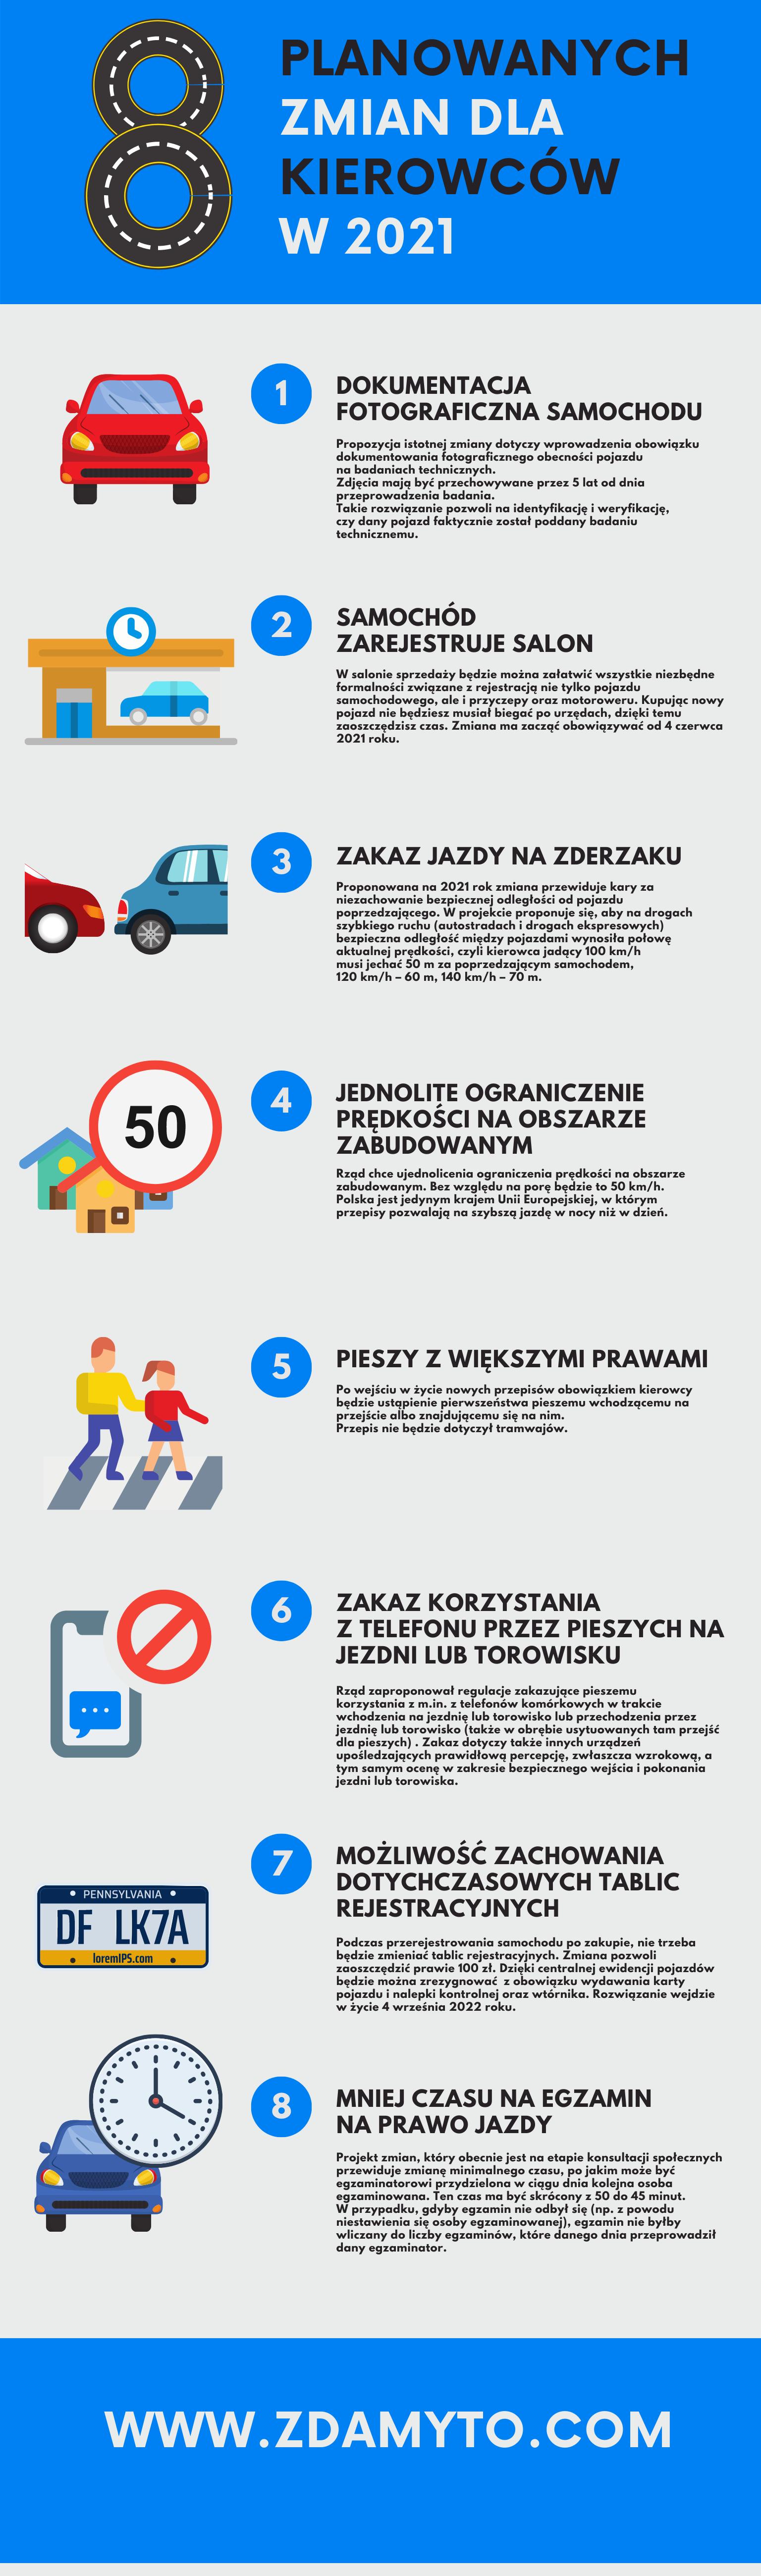 zmiany dla kierowcow